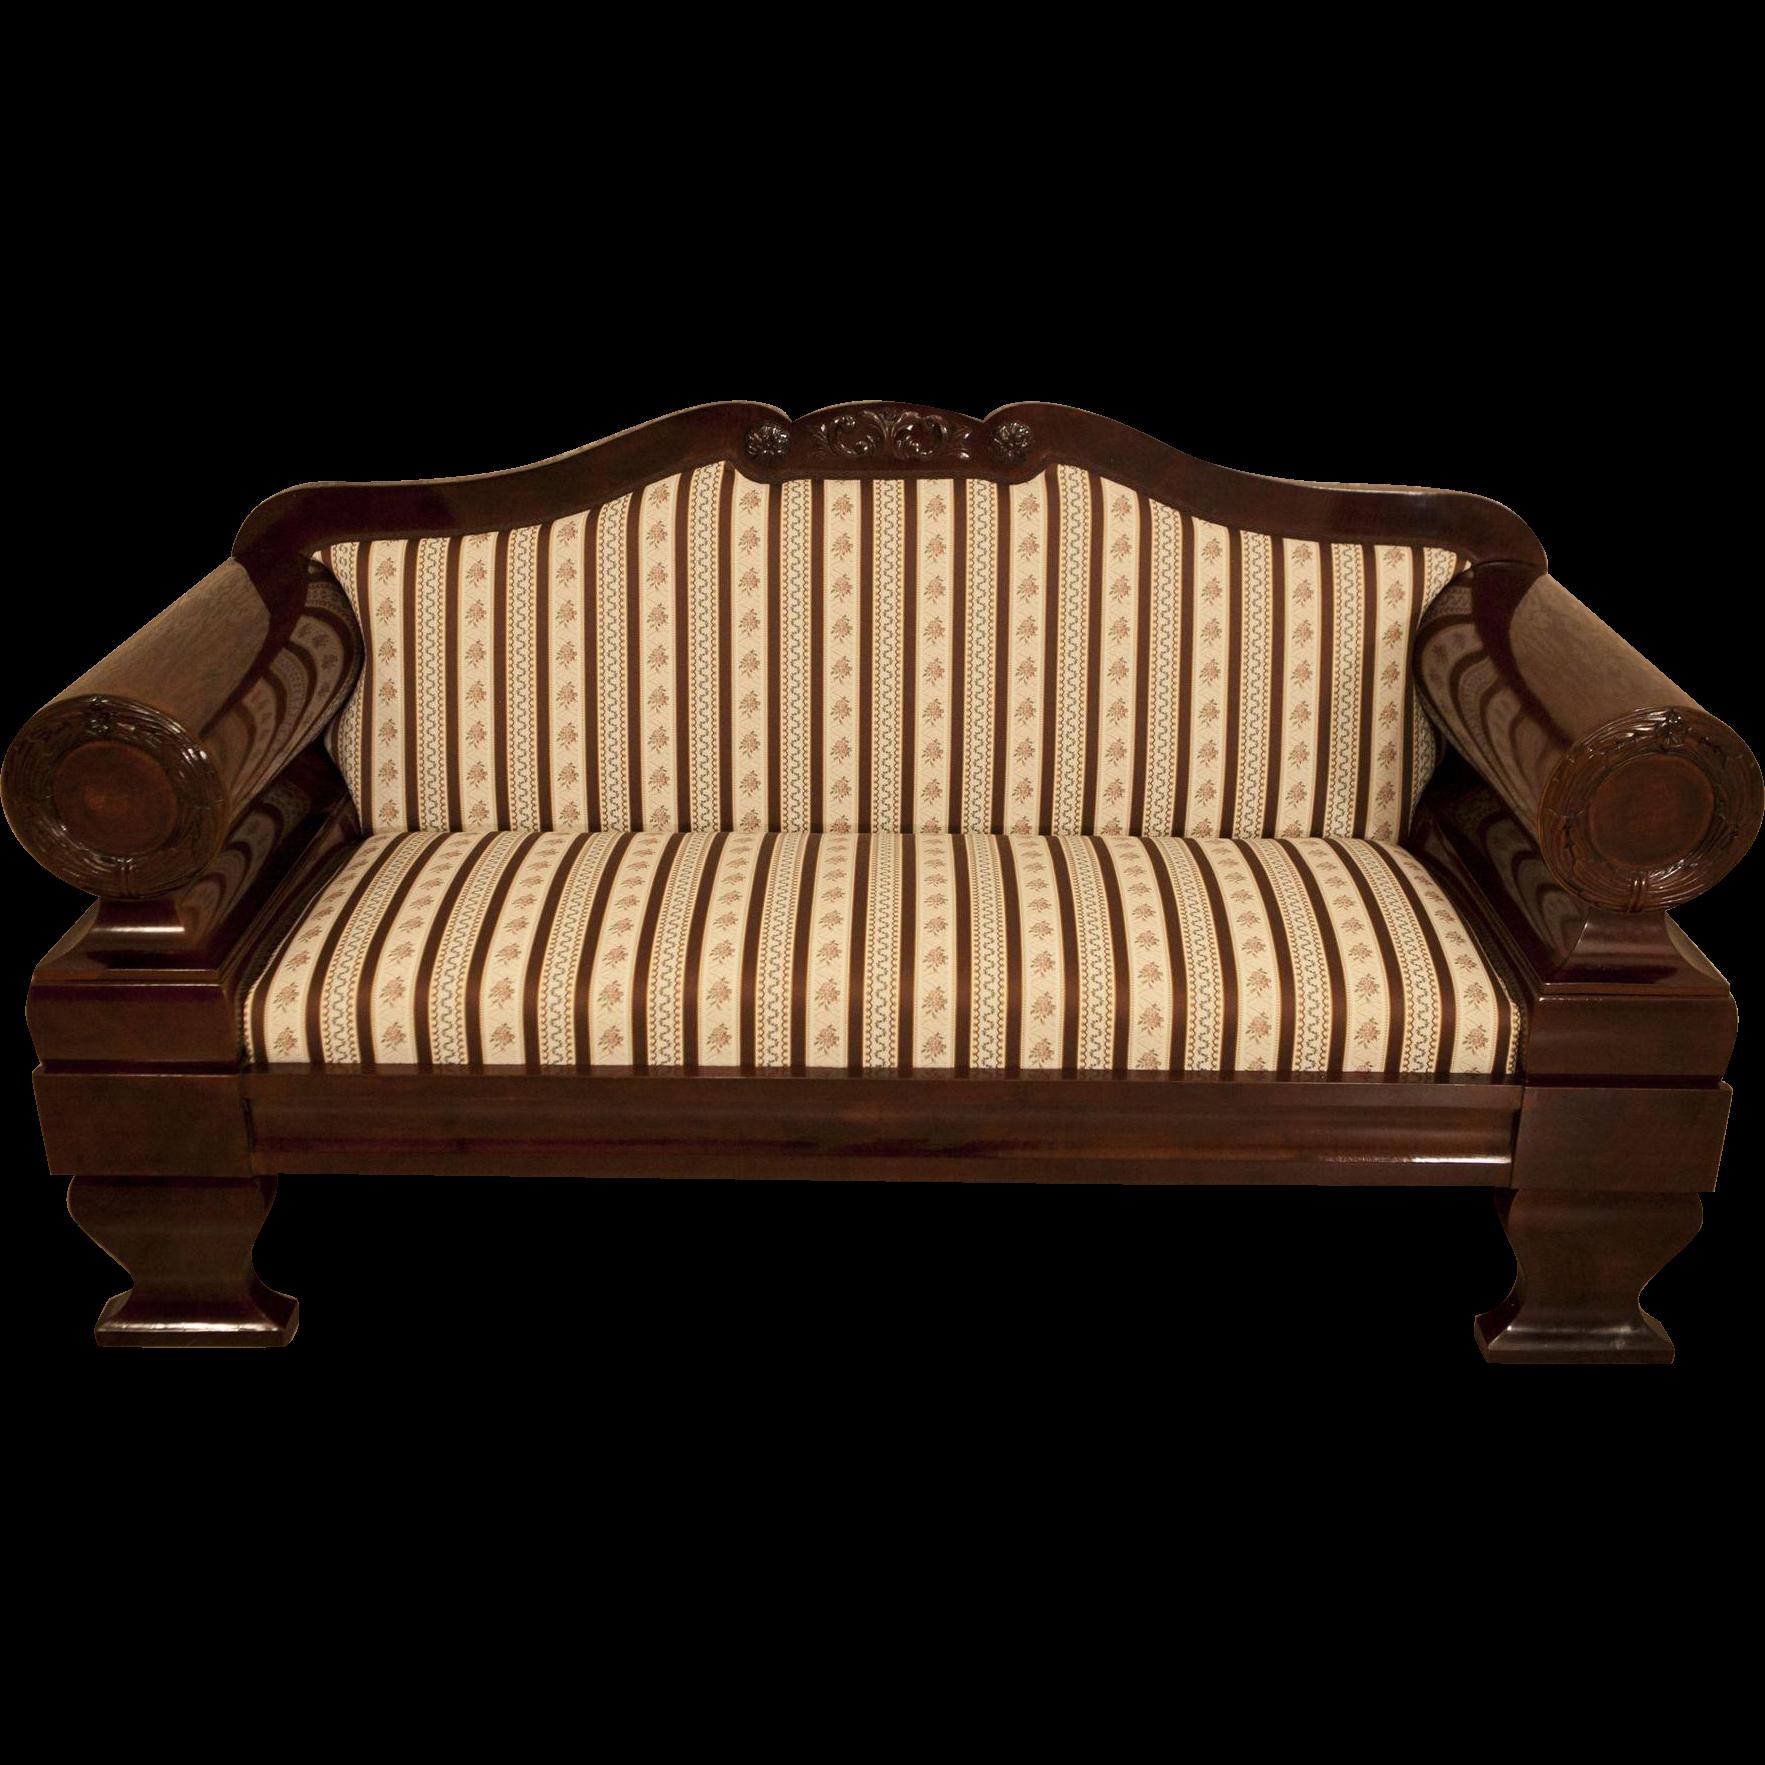 Biedermeier sofa refil sofa Biedermeier sofa